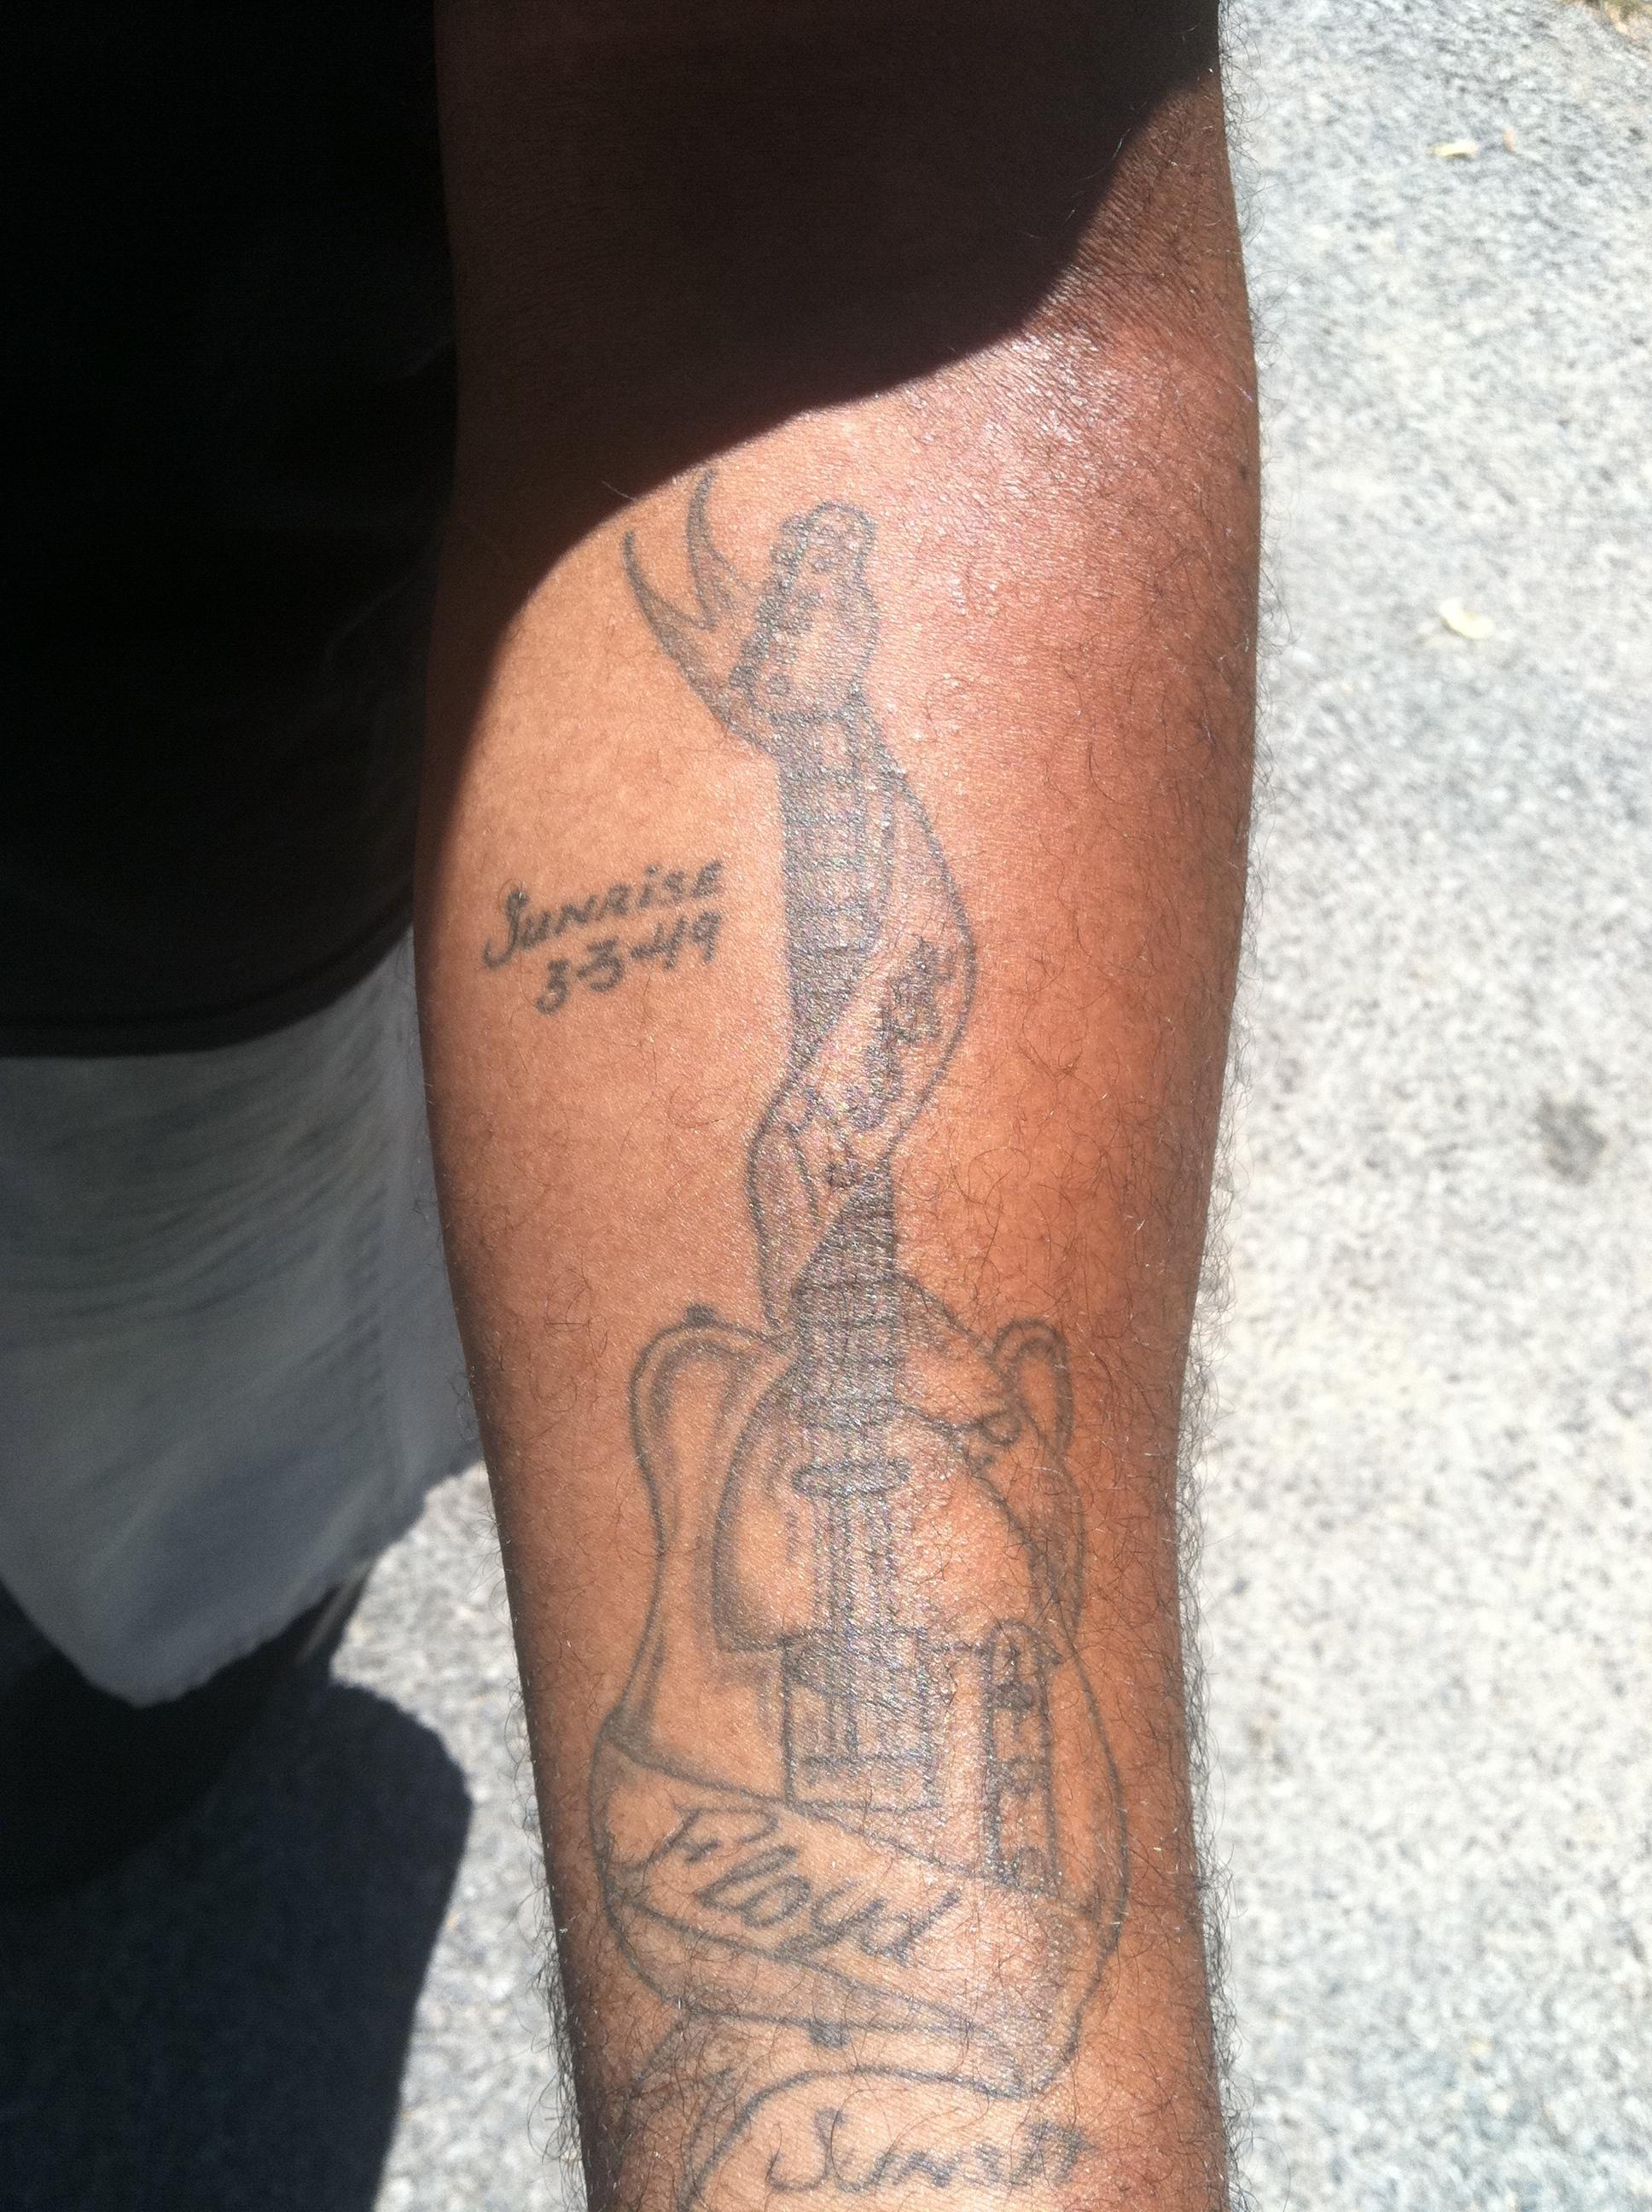 as his memorial tattoo